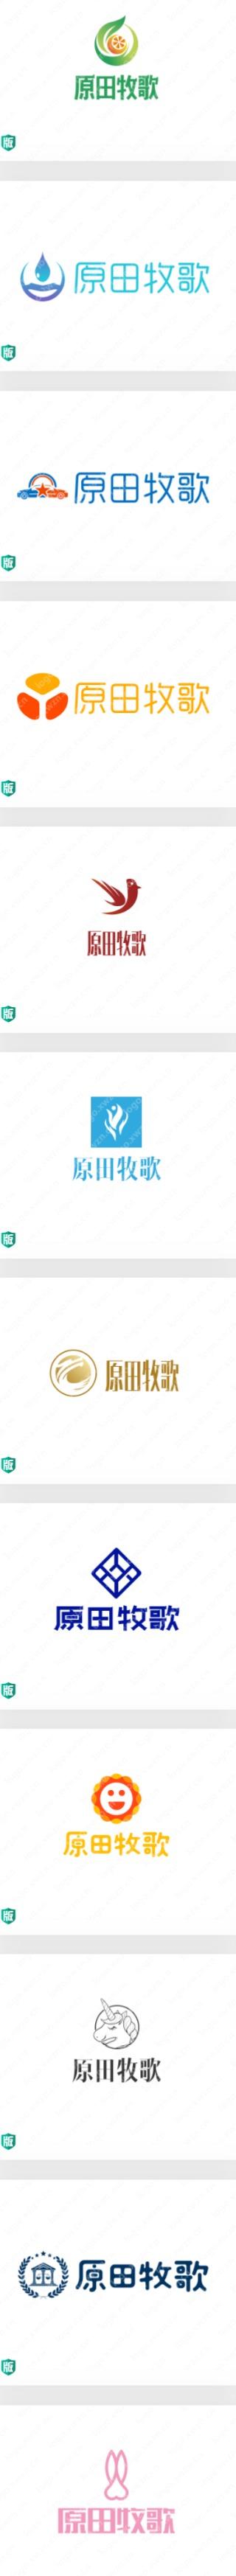 """""""原田牧歌""""logo设计,展现农副产品的原生态绿色品质"""